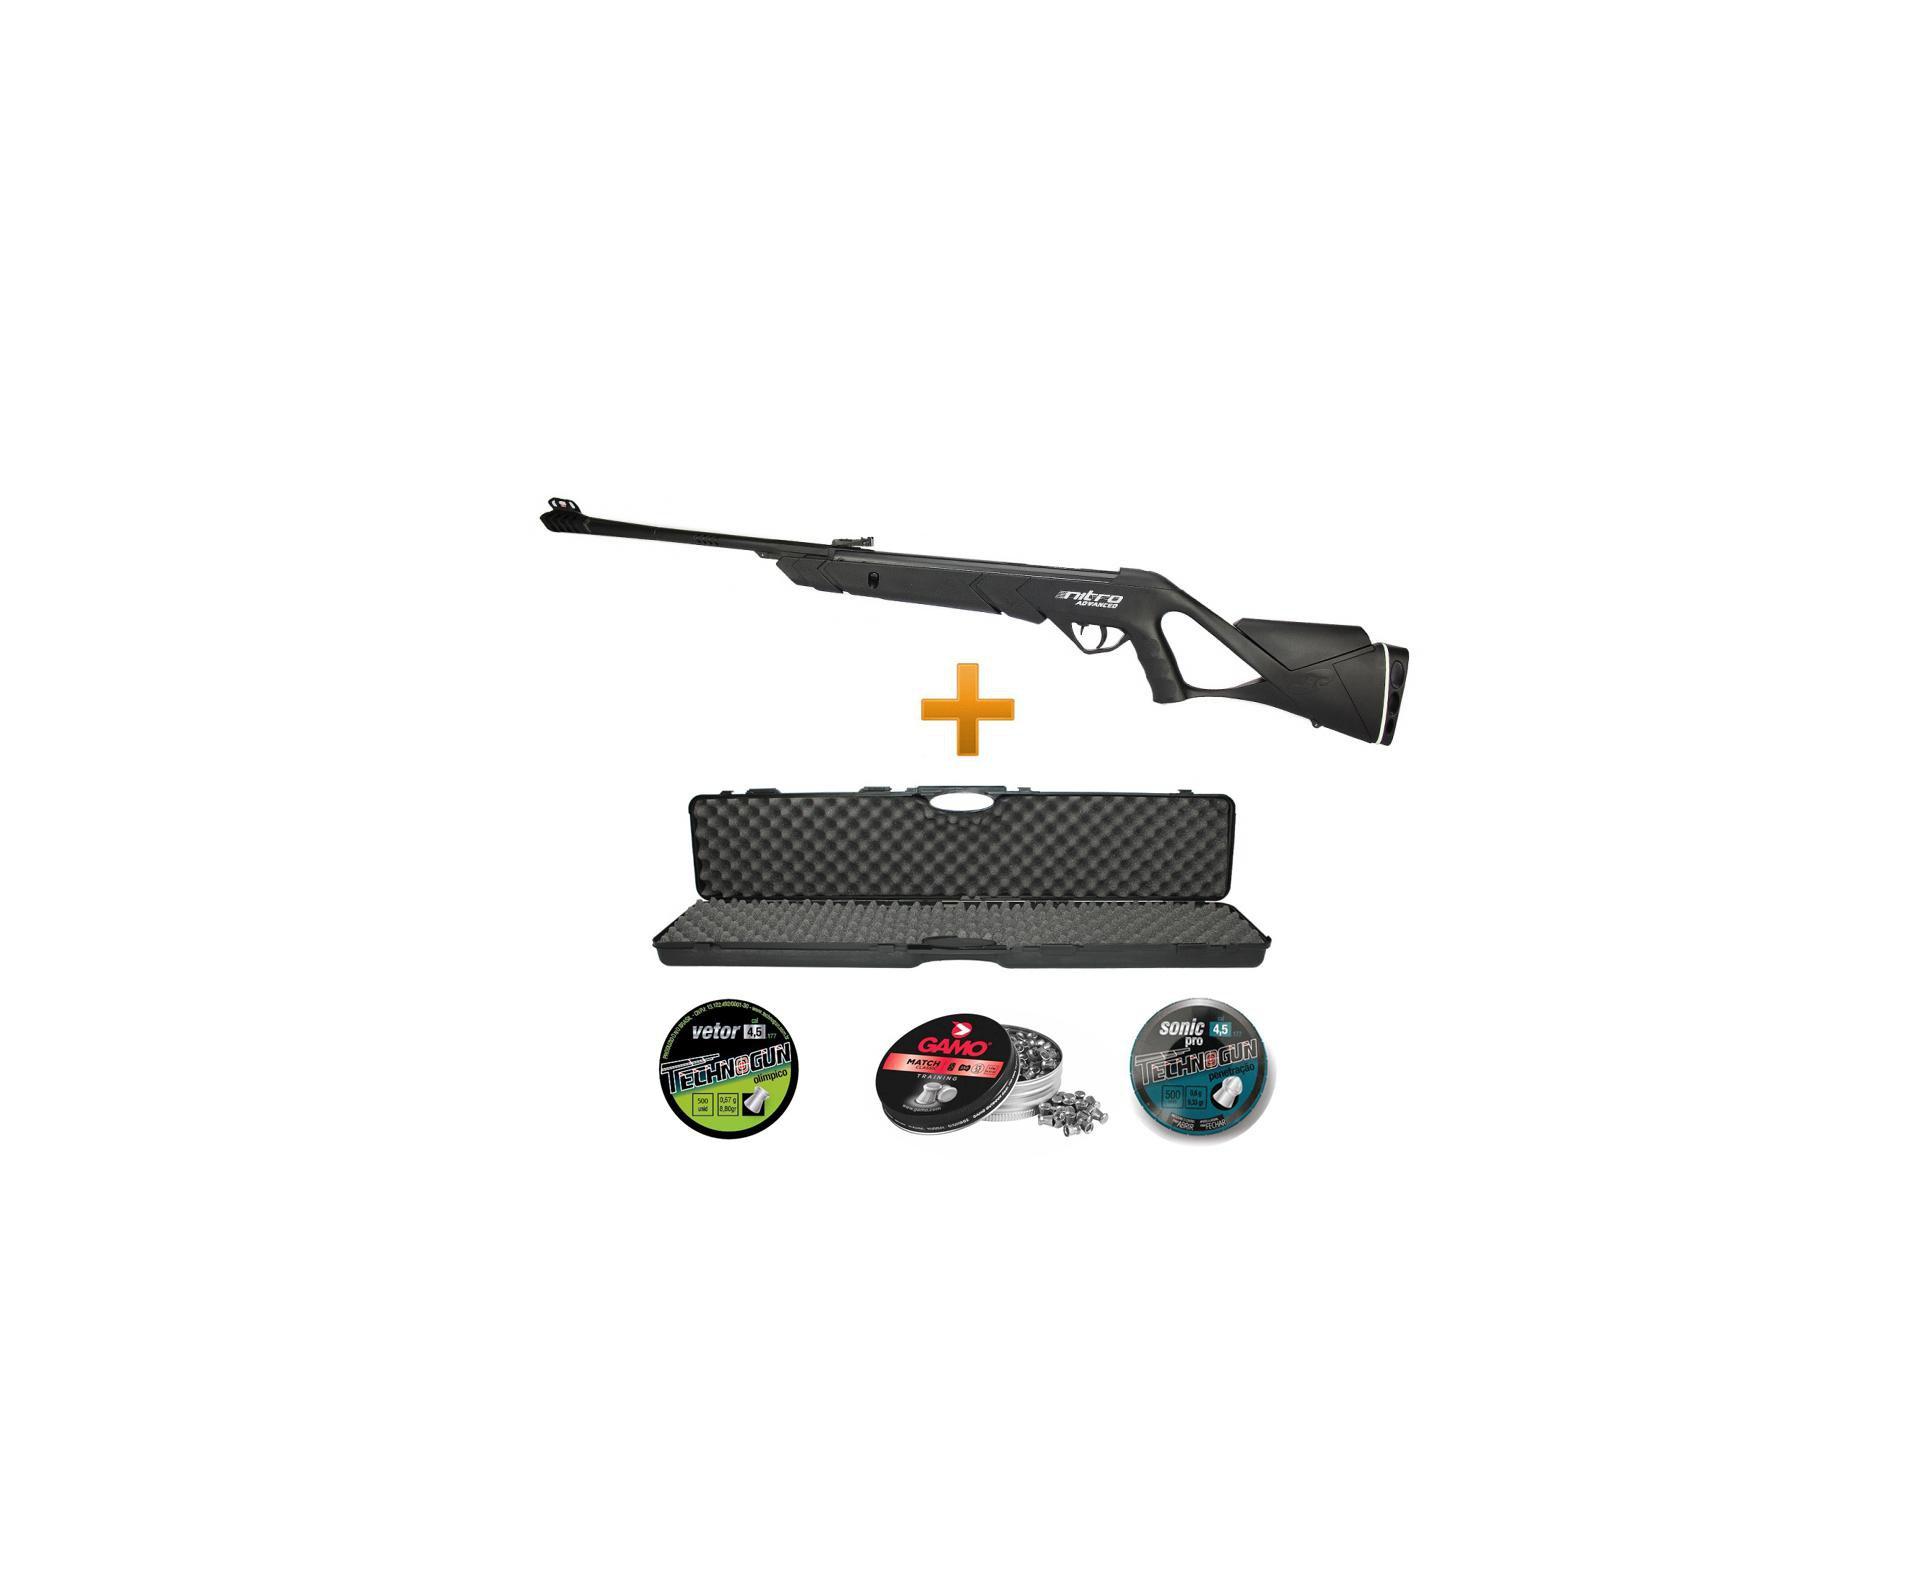 Carabina De Pressão Advanced Nitro F18 Cbc 4,5 + Case Rigido+ Chumbinhos